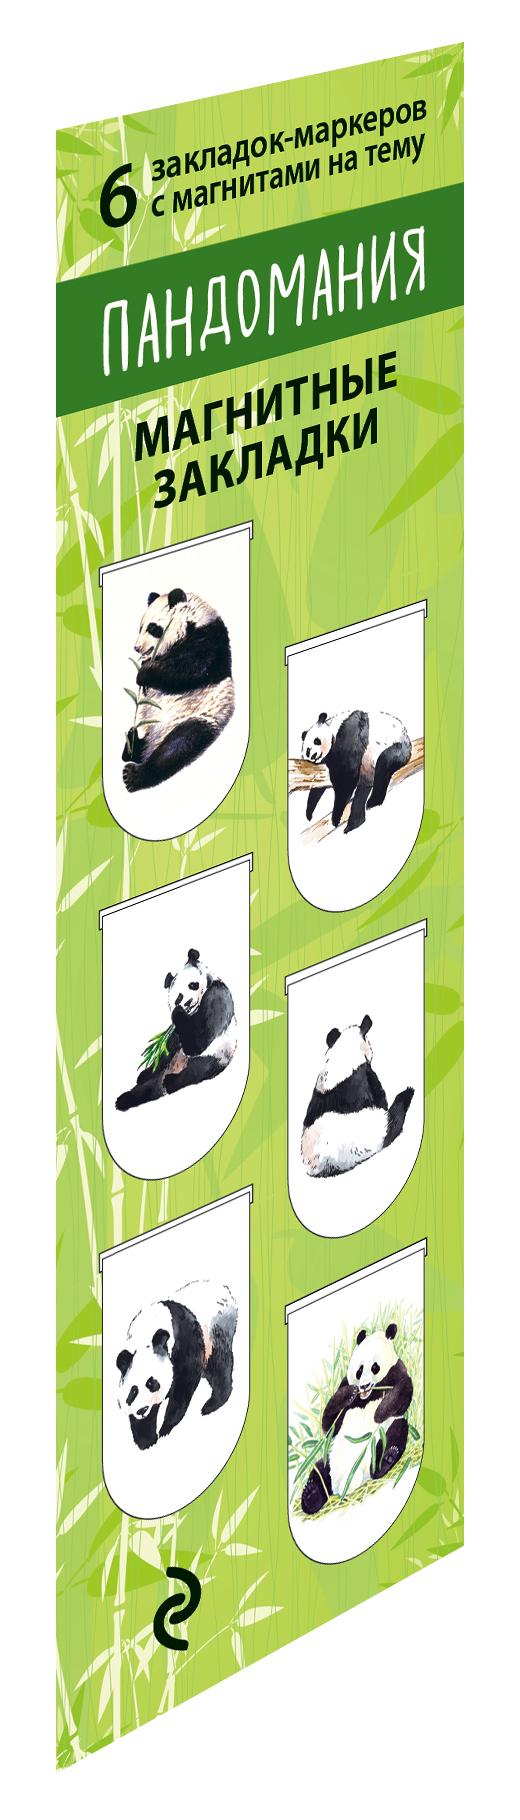 Магнитные закладки. Пандомания (6 закладок полукругл.)